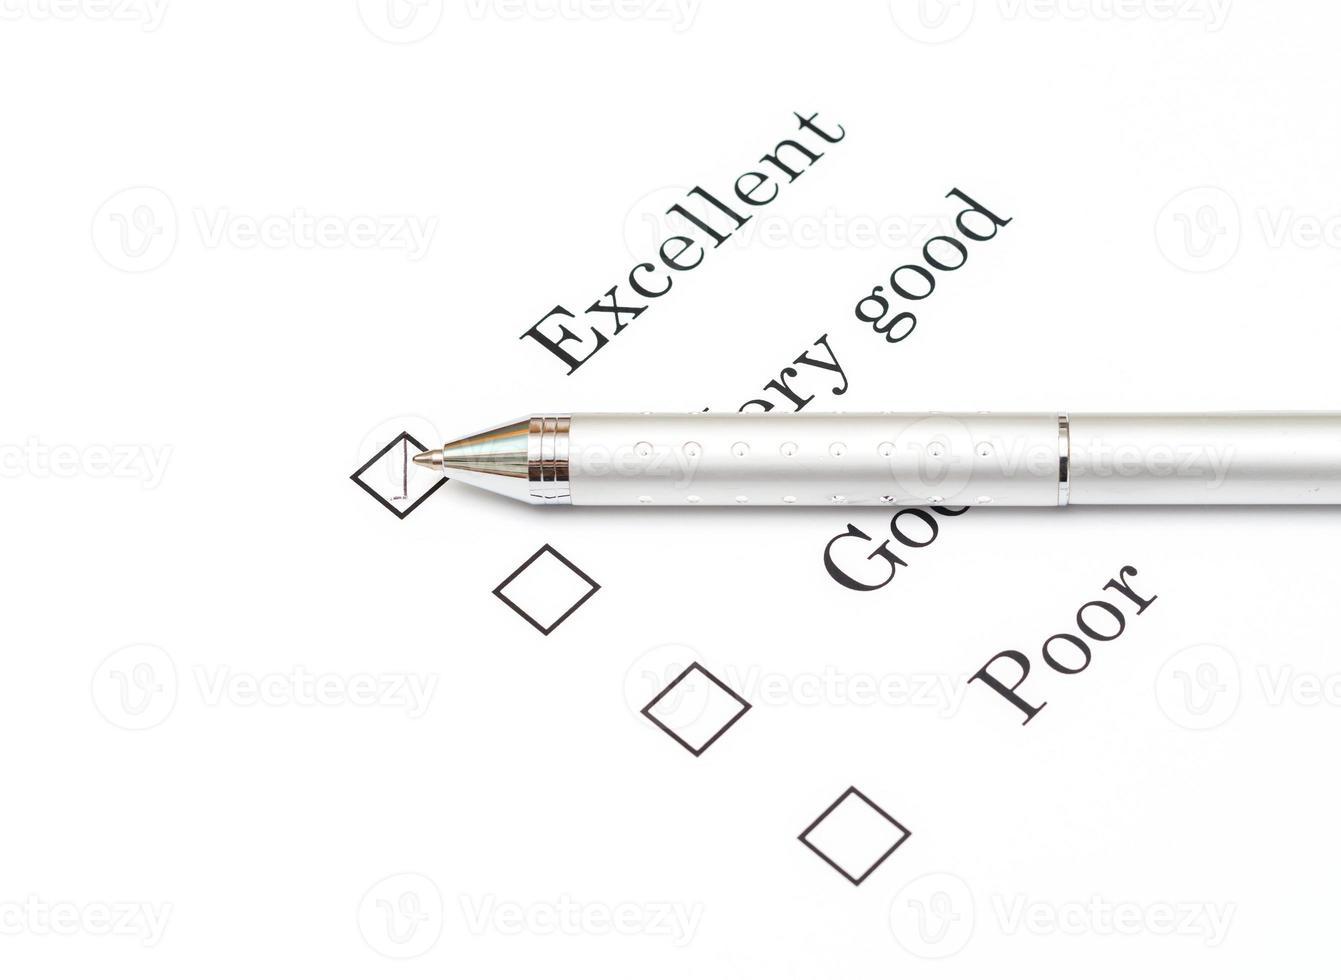 marque excelente con bolígrafo en documento de encuesta foto